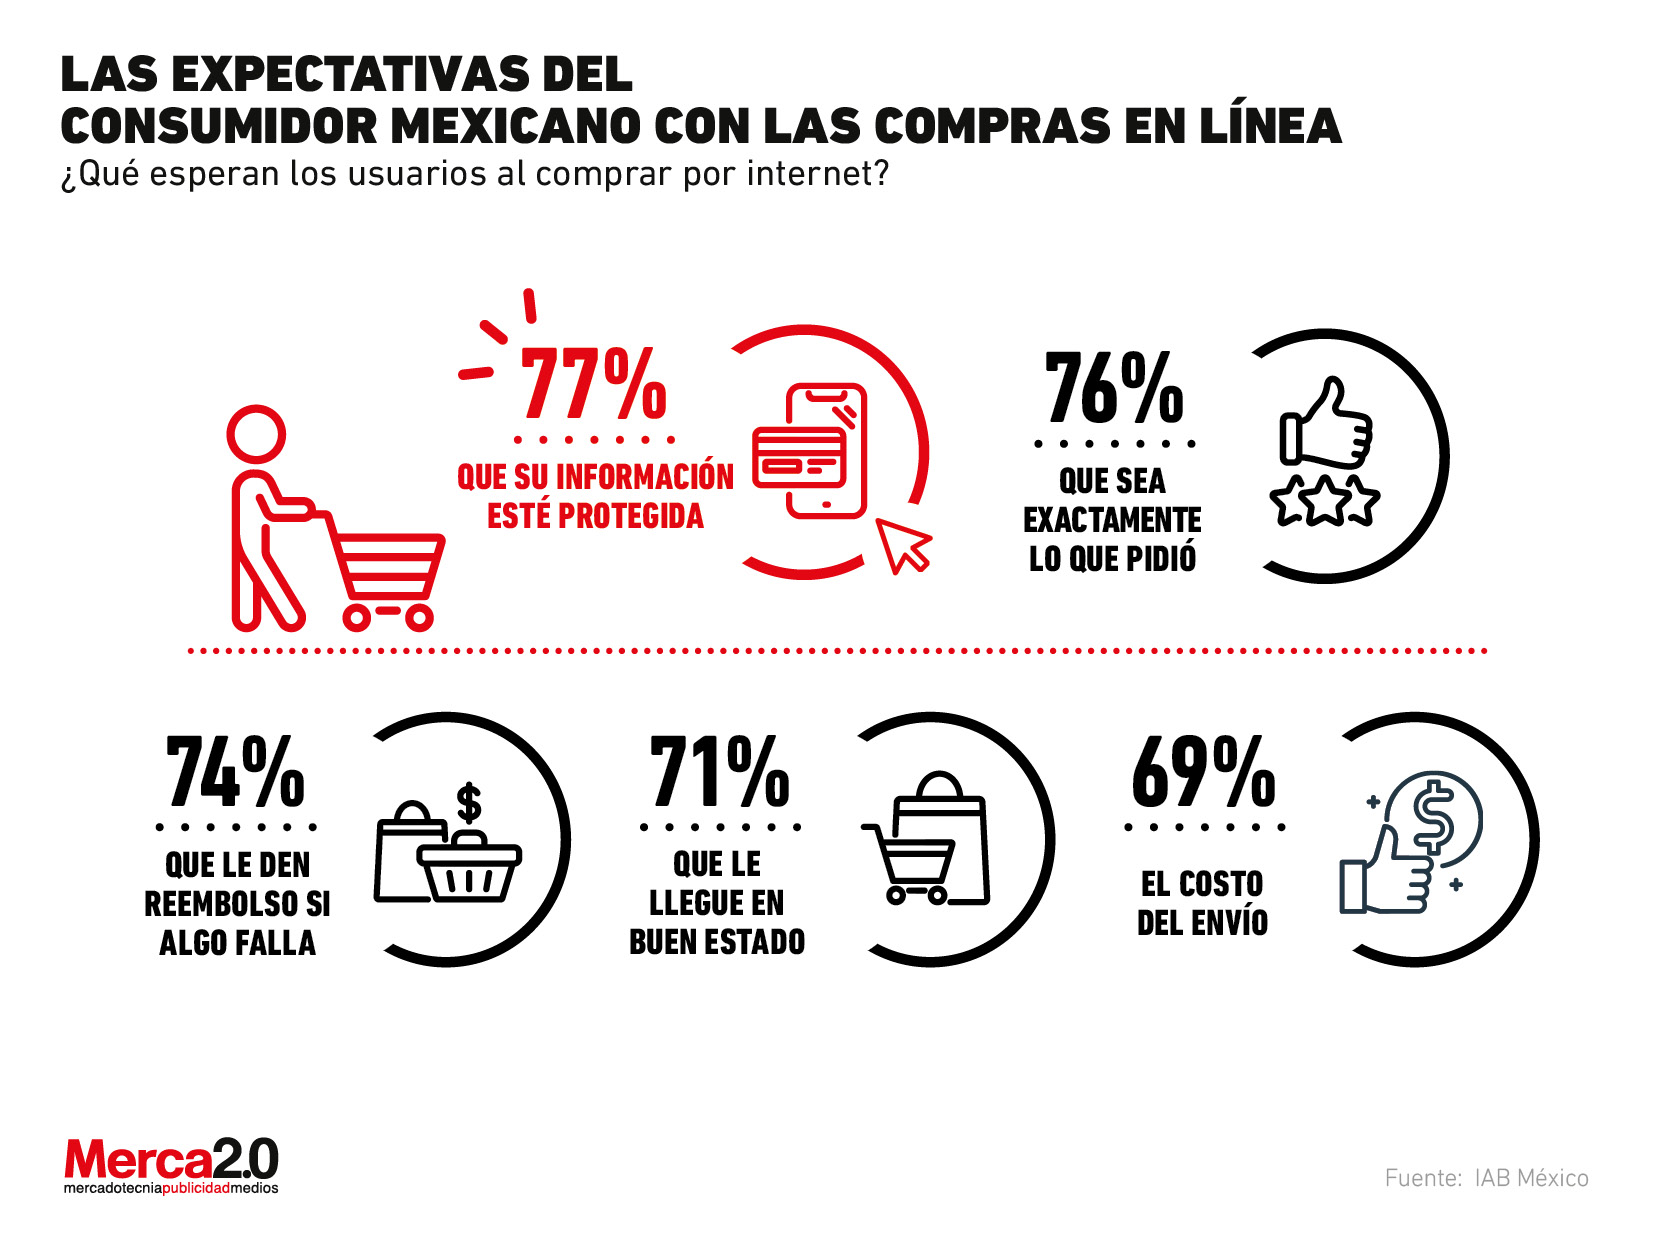 Estas son las expectativas que se deben cubrir para que los consumidores mexicanos compren en tu tienda en línea